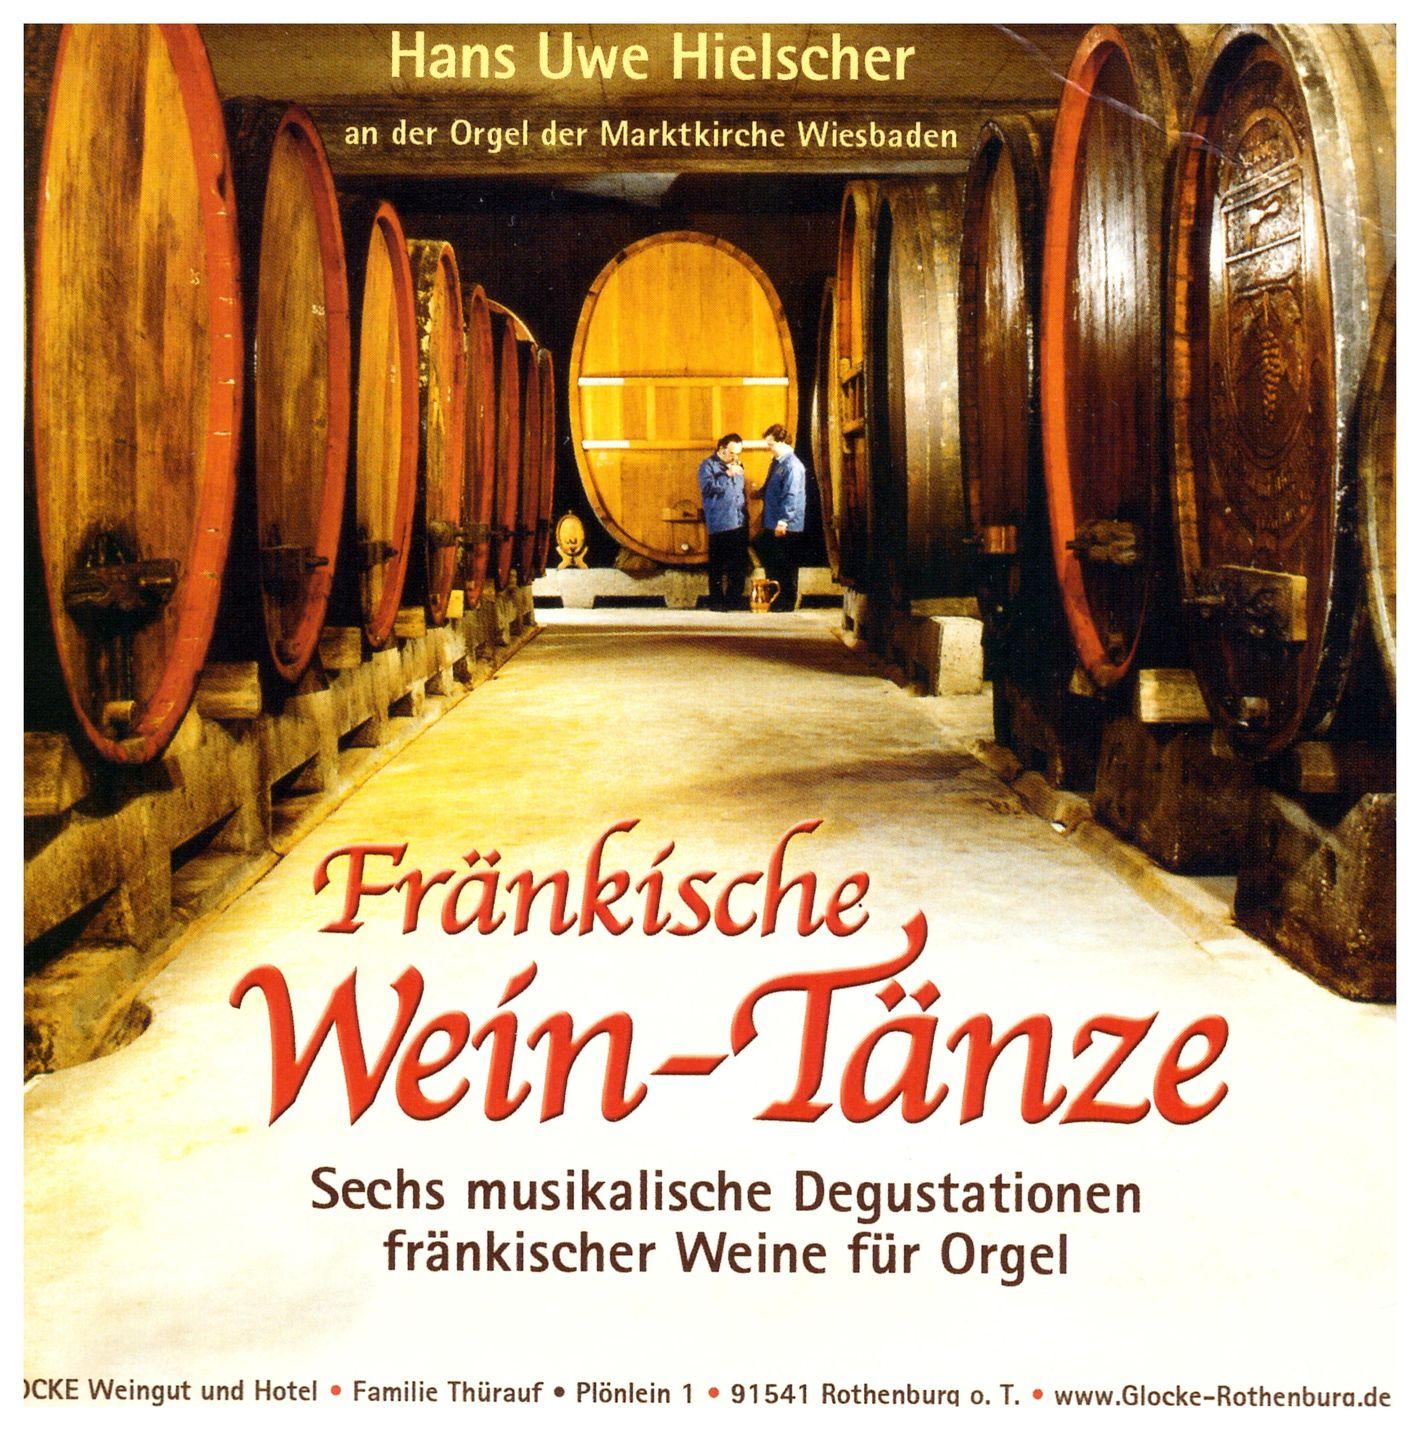 Hielscher: Fränkische Wein-Tänze